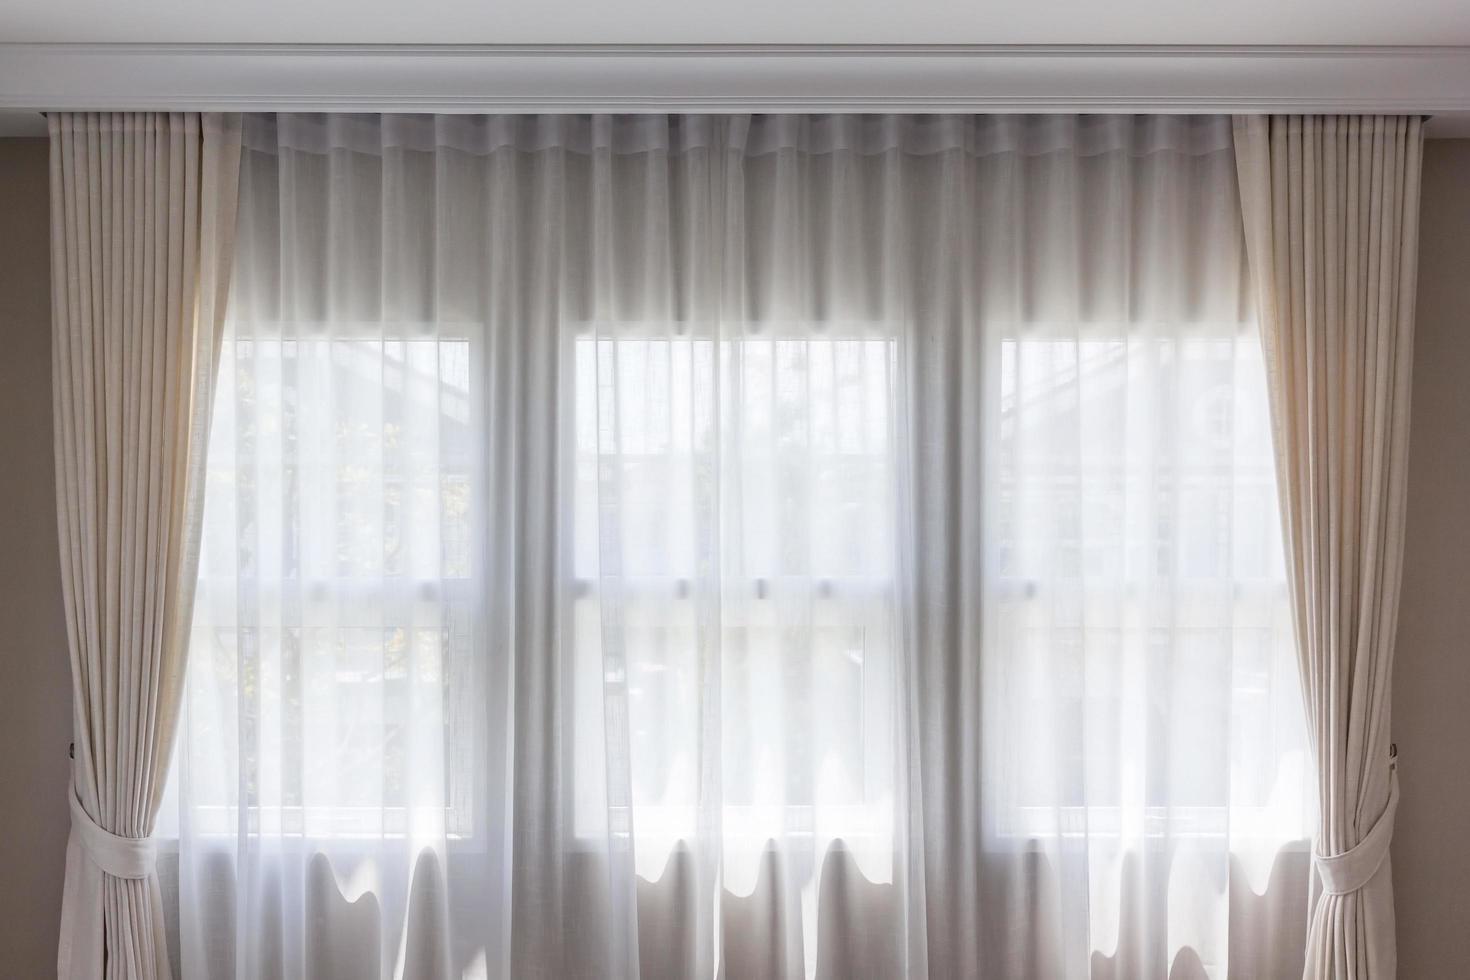 la luz del sol a través de una cortina foto